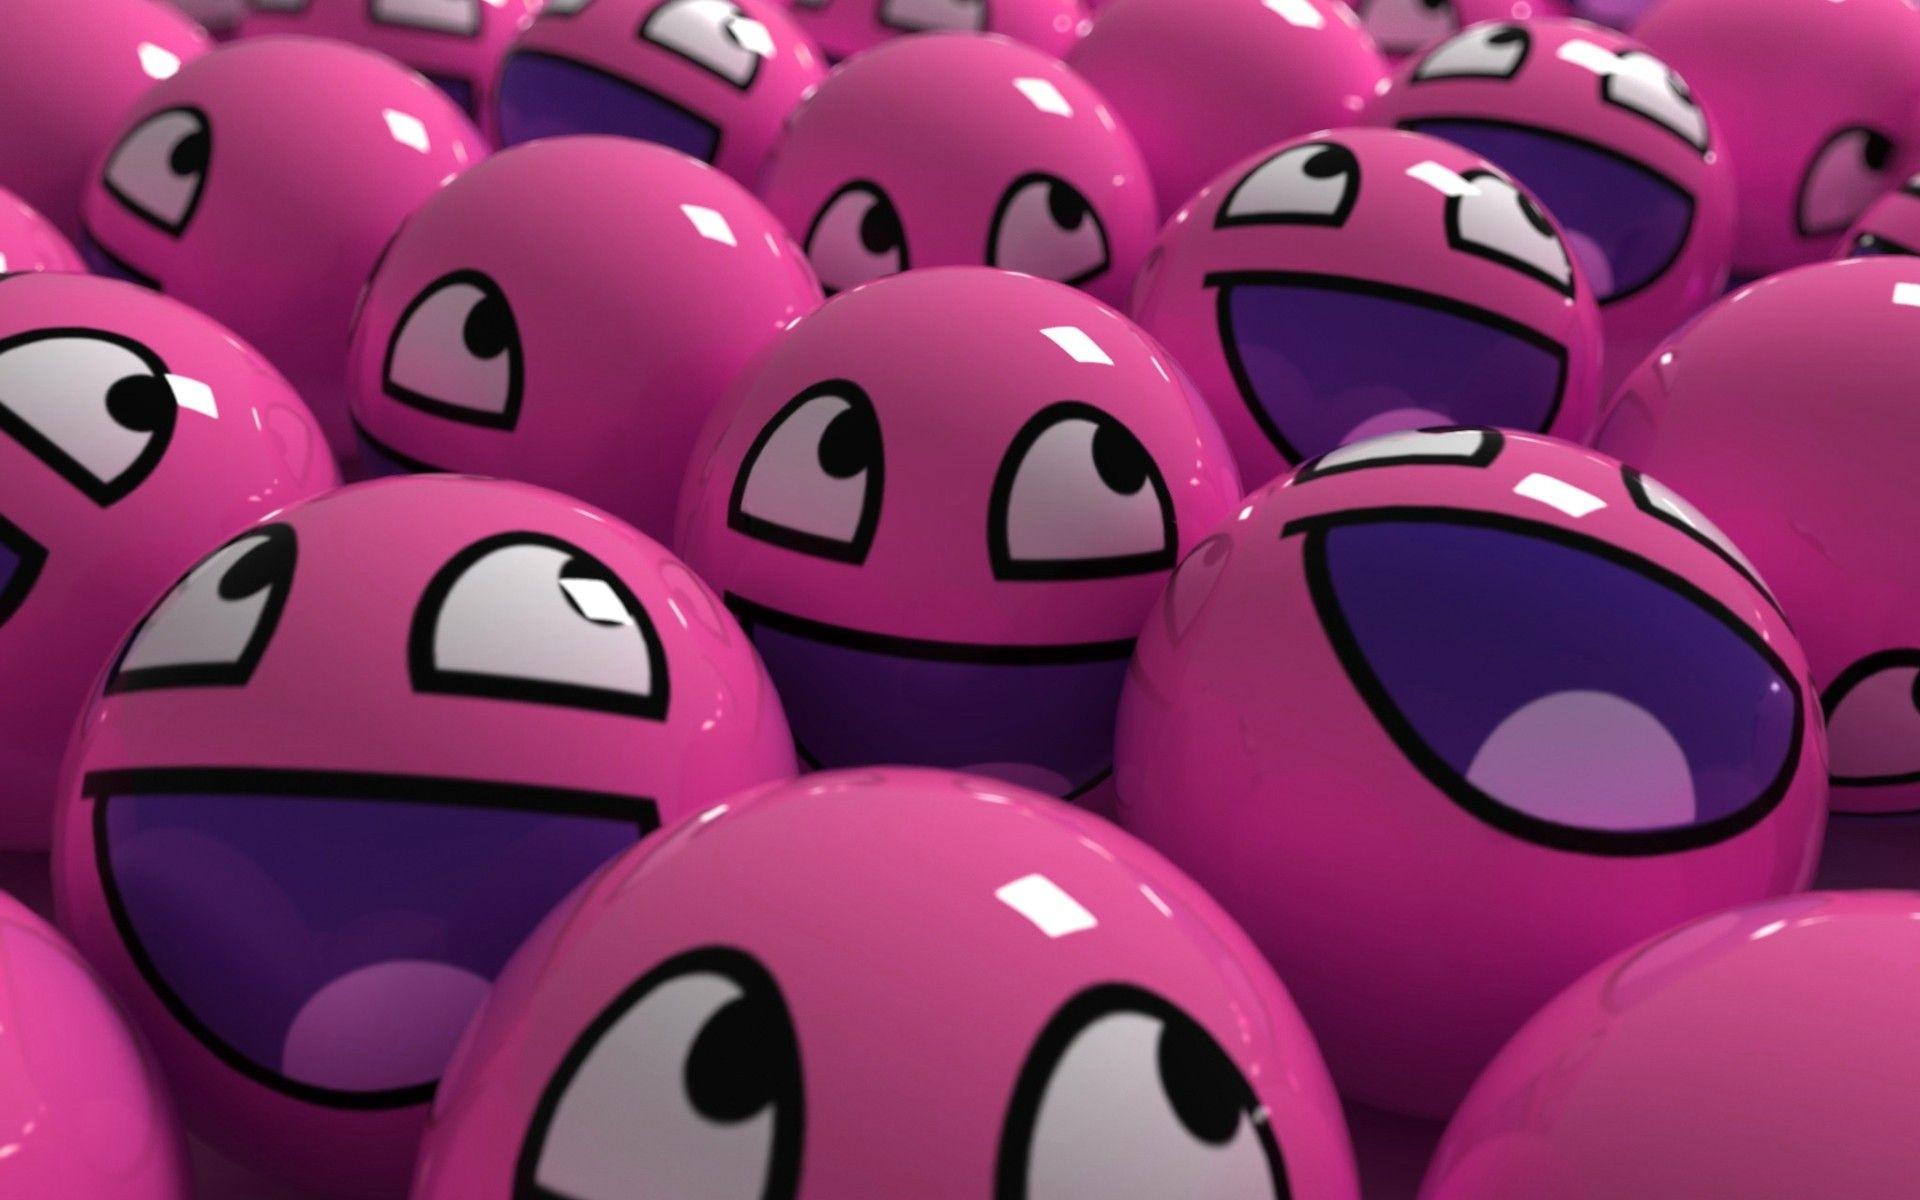 Dark Pink Hd Desktop Wallpaper Download Free 6 Hd Pink Wallpapers Cute Wallpapers For Computer Cute Wallpaper For Phone